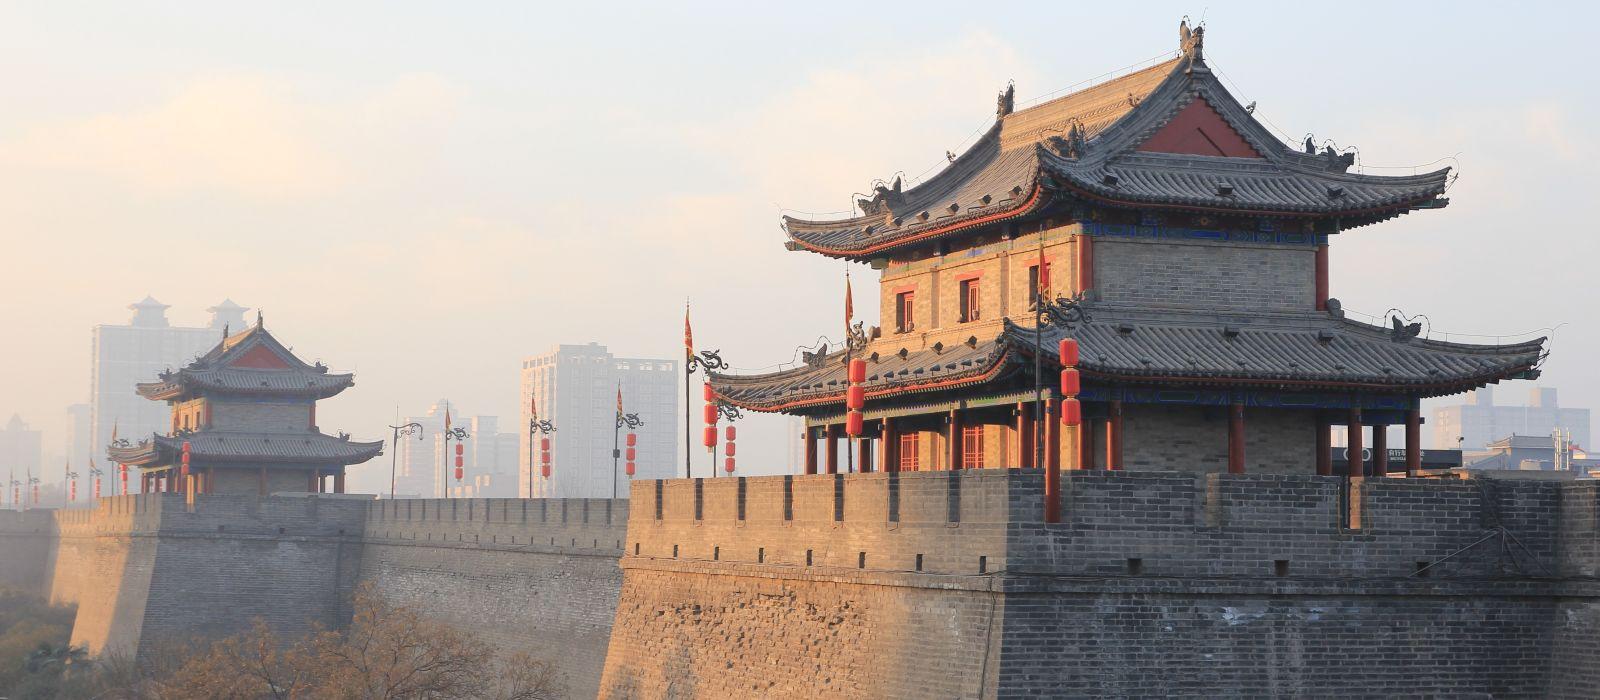 Enchanting Travels China Tours Xian City Wall - History of China